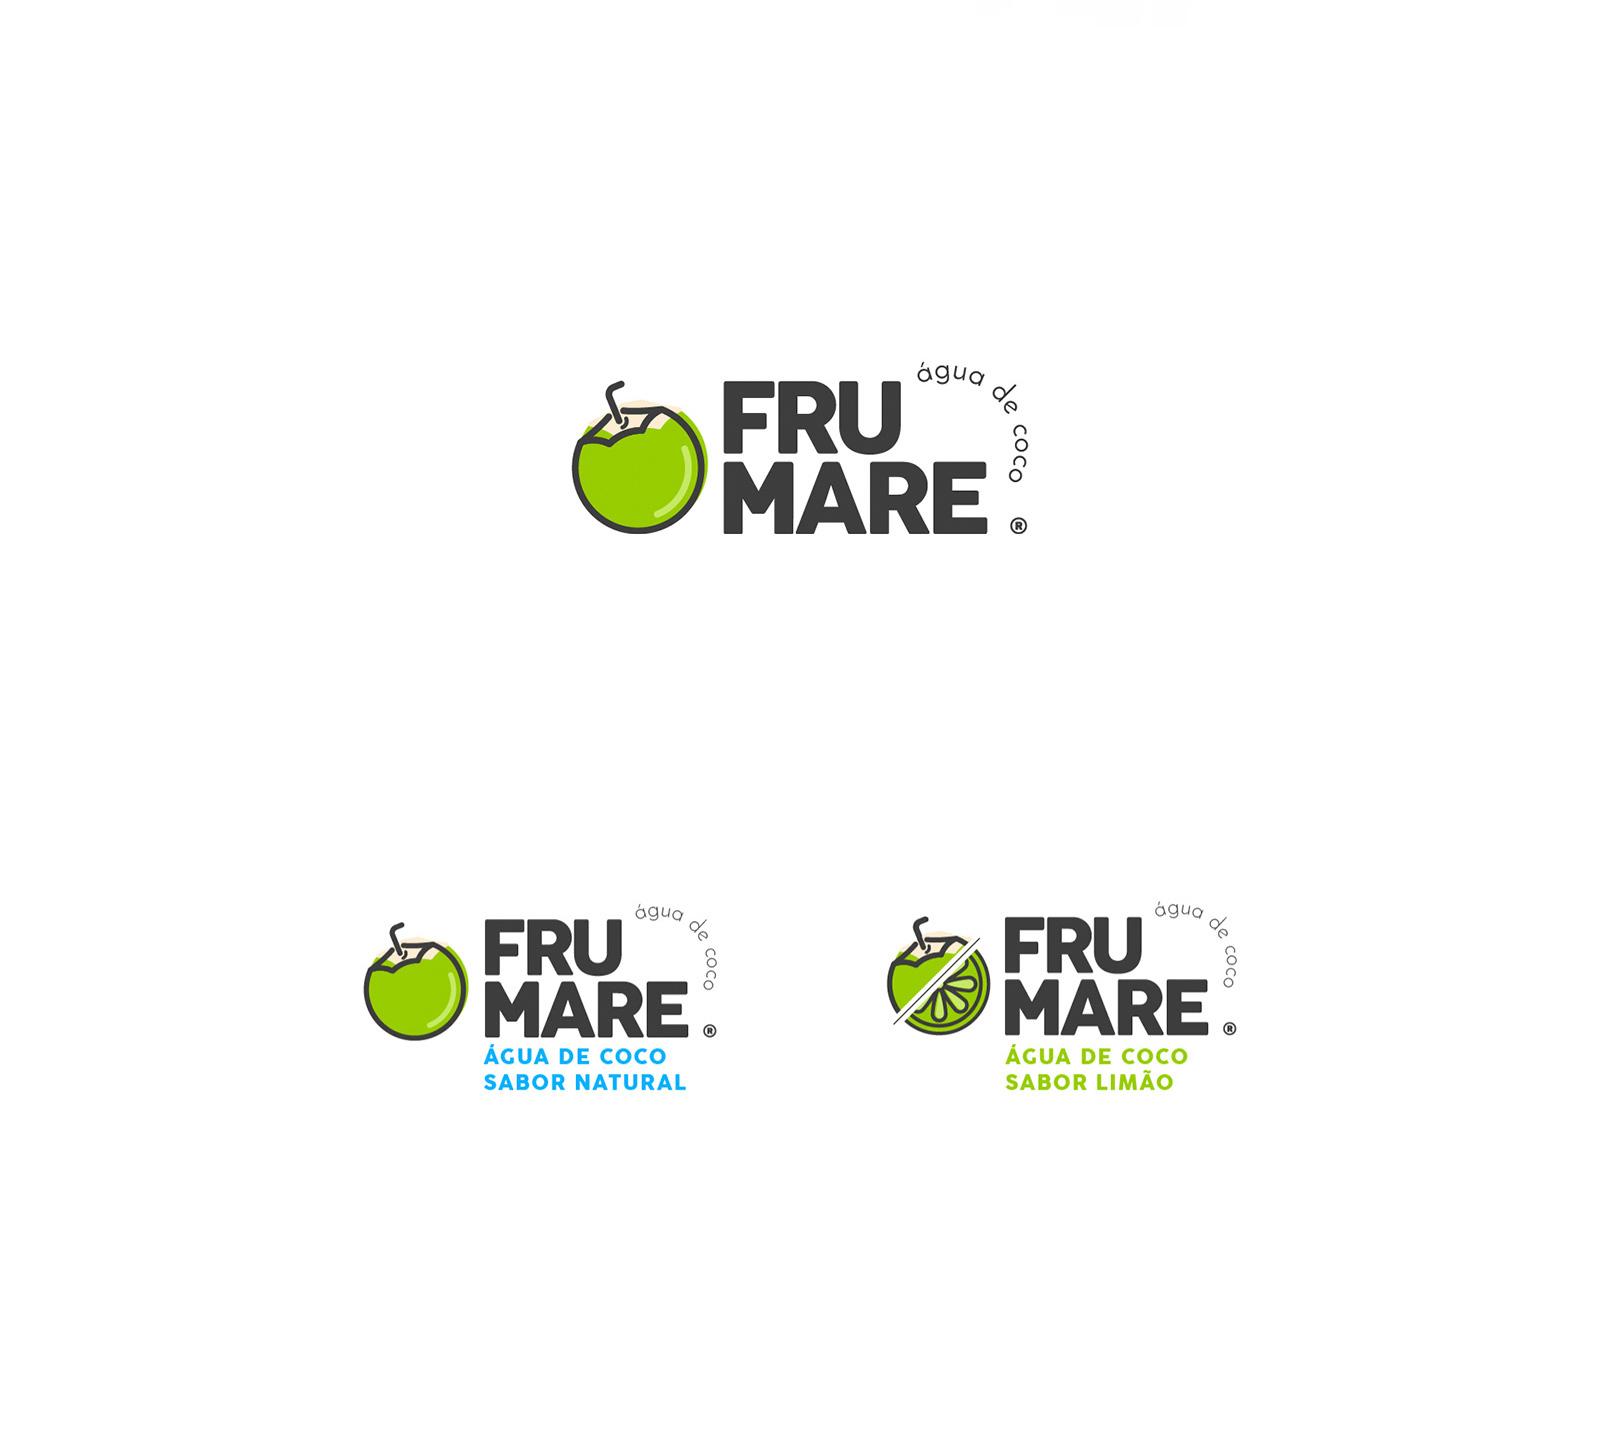 logotipos Frumare água de coco